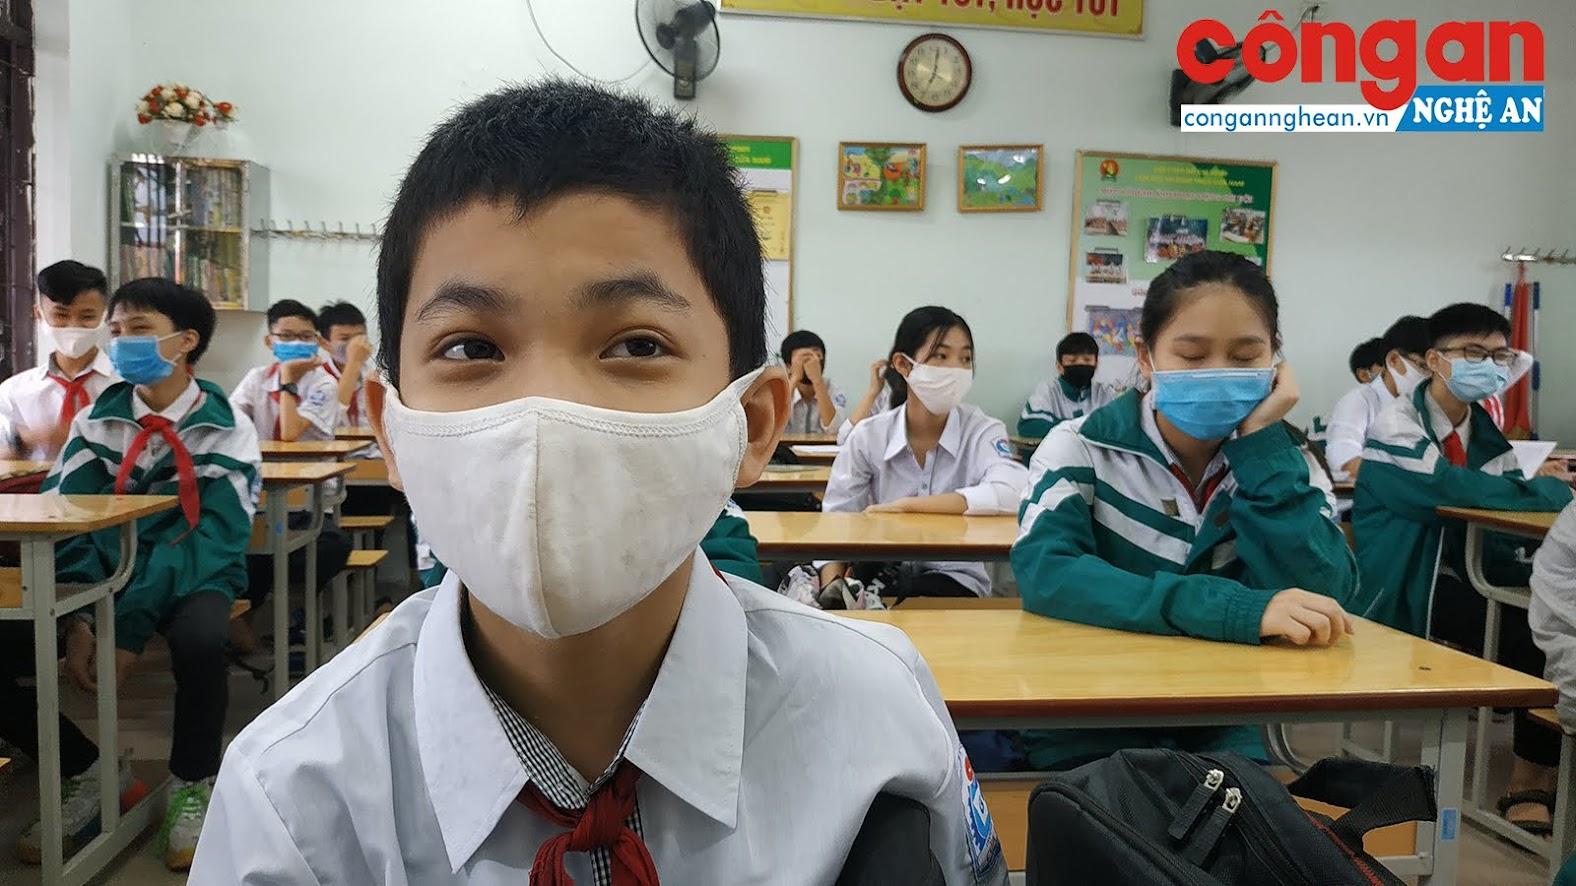 Nhà trường cũng yêu cầu 100% học sinh đến lớp đều đeo khẩu trang